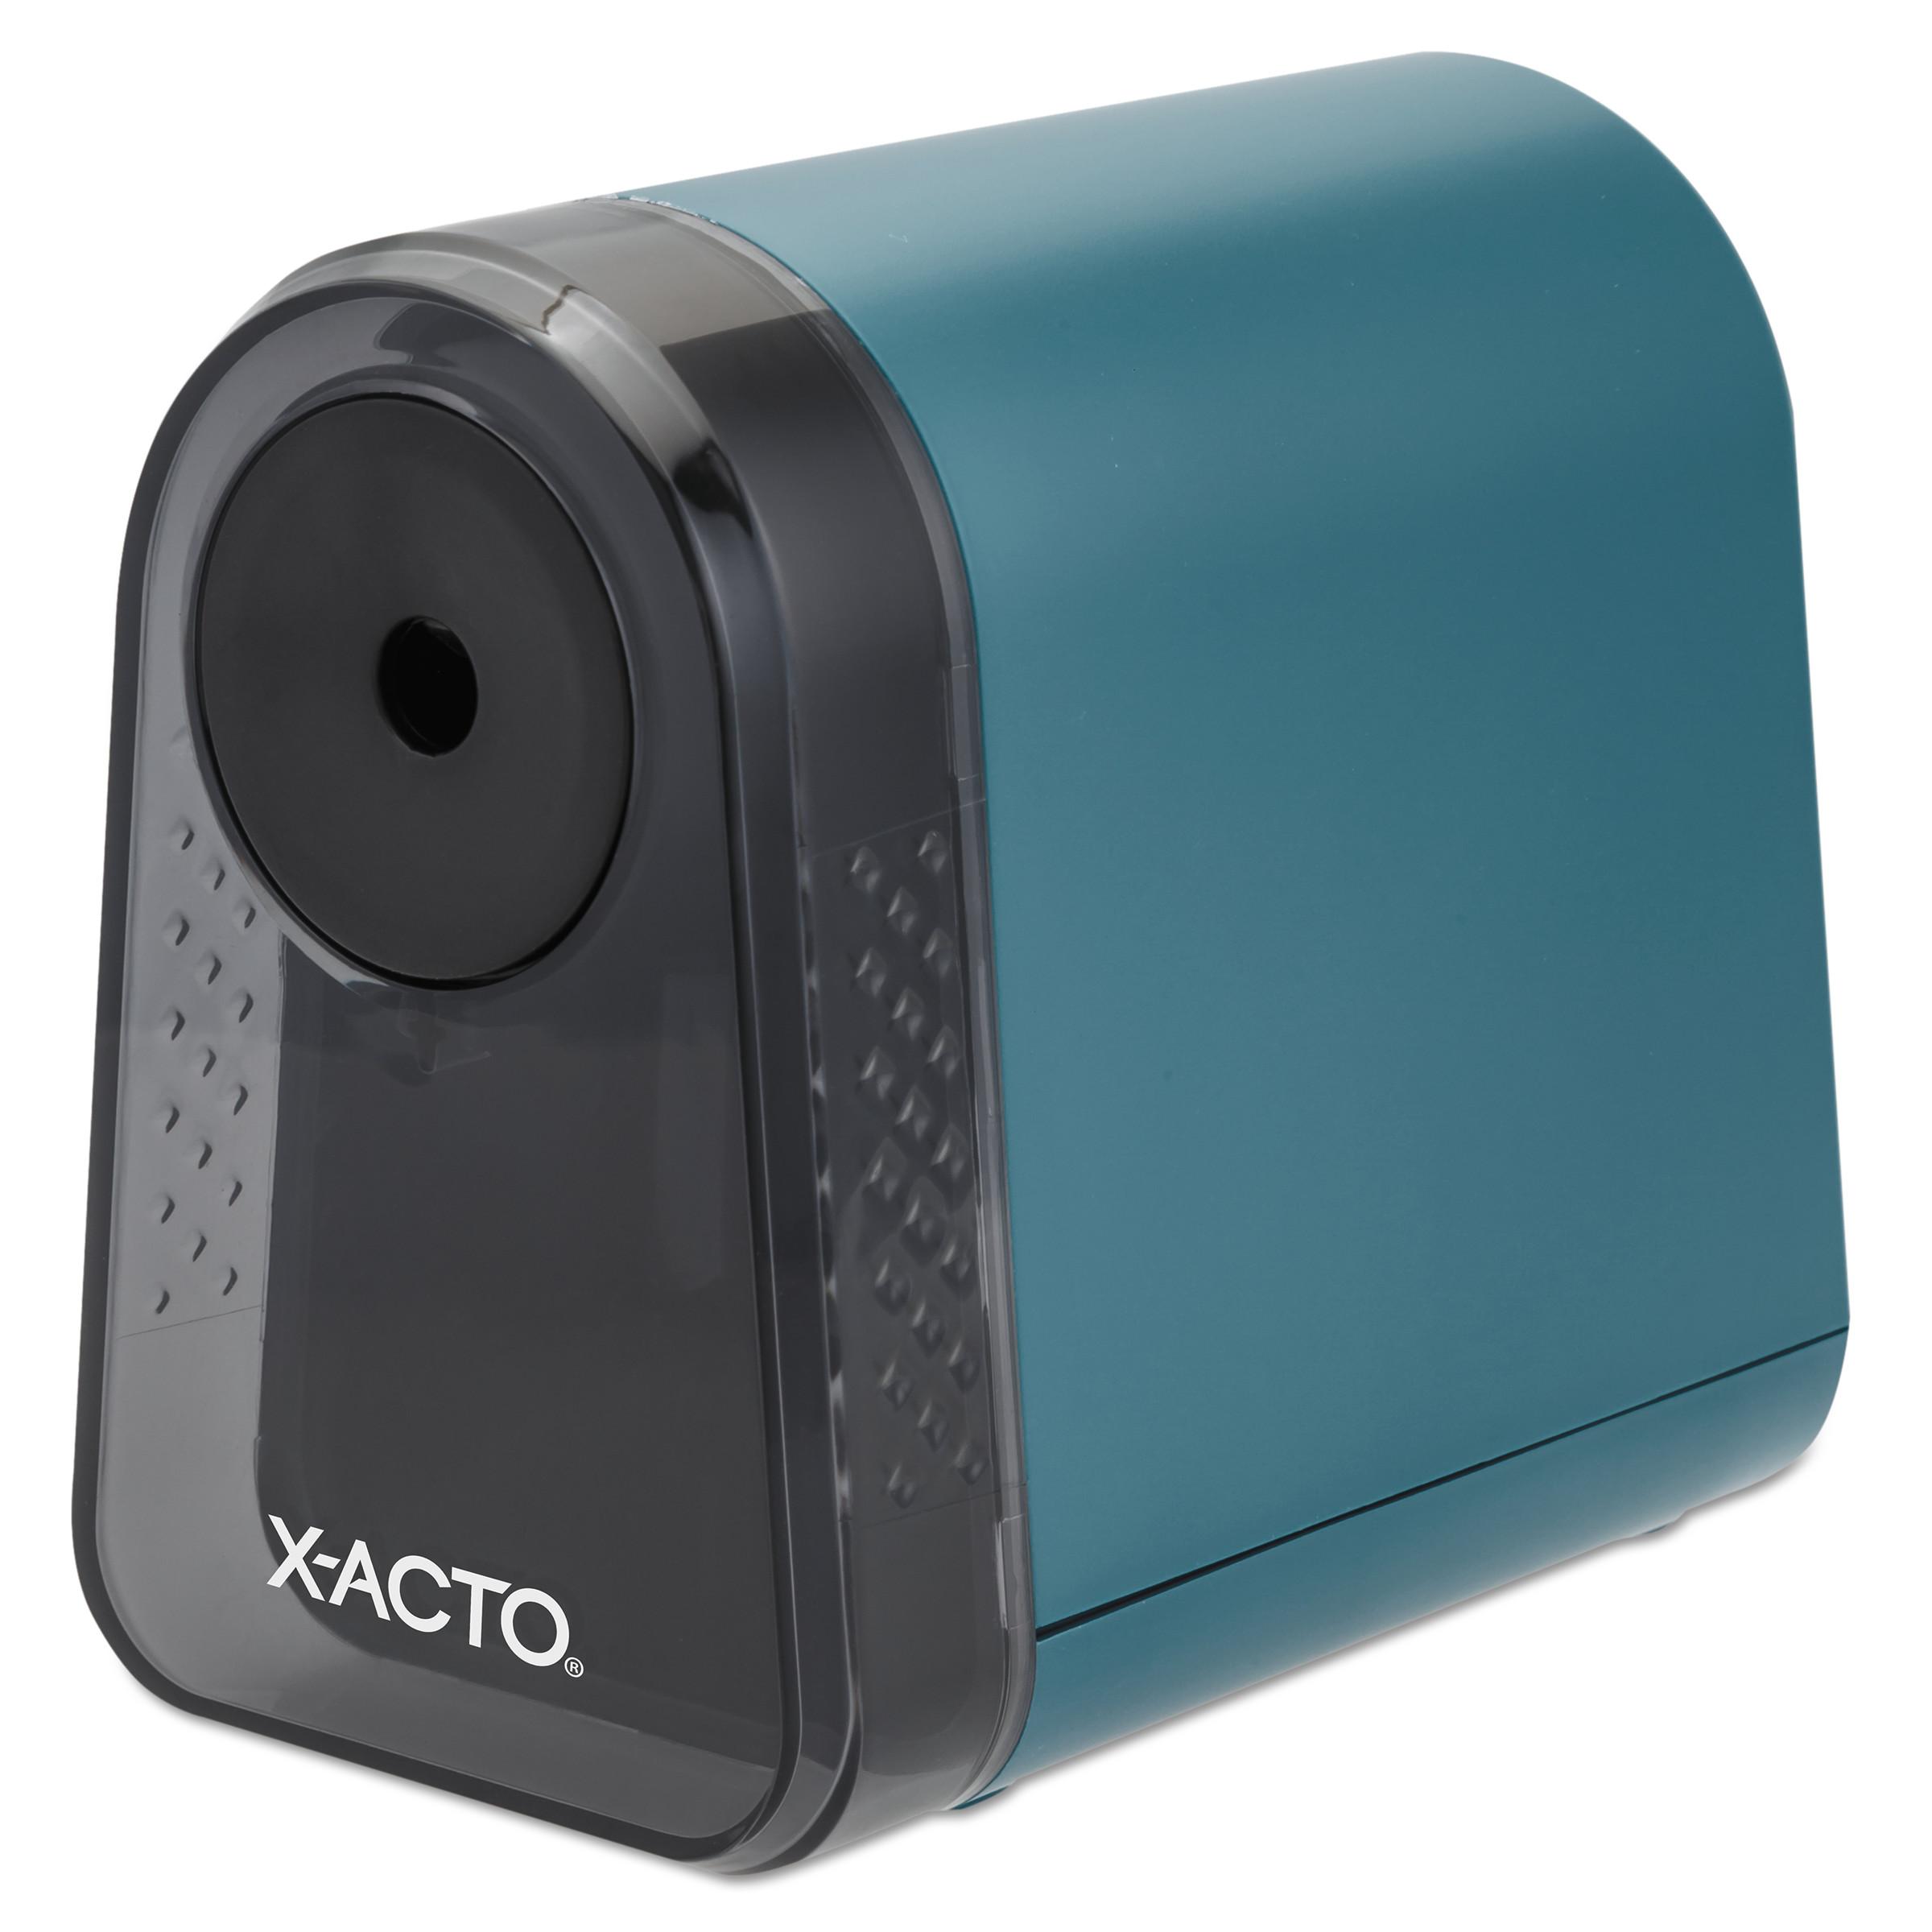 X-ACTO Mighty Mite Desktop Electric Pencil Sharpener ... X Acto Electric Pencil Sharpener